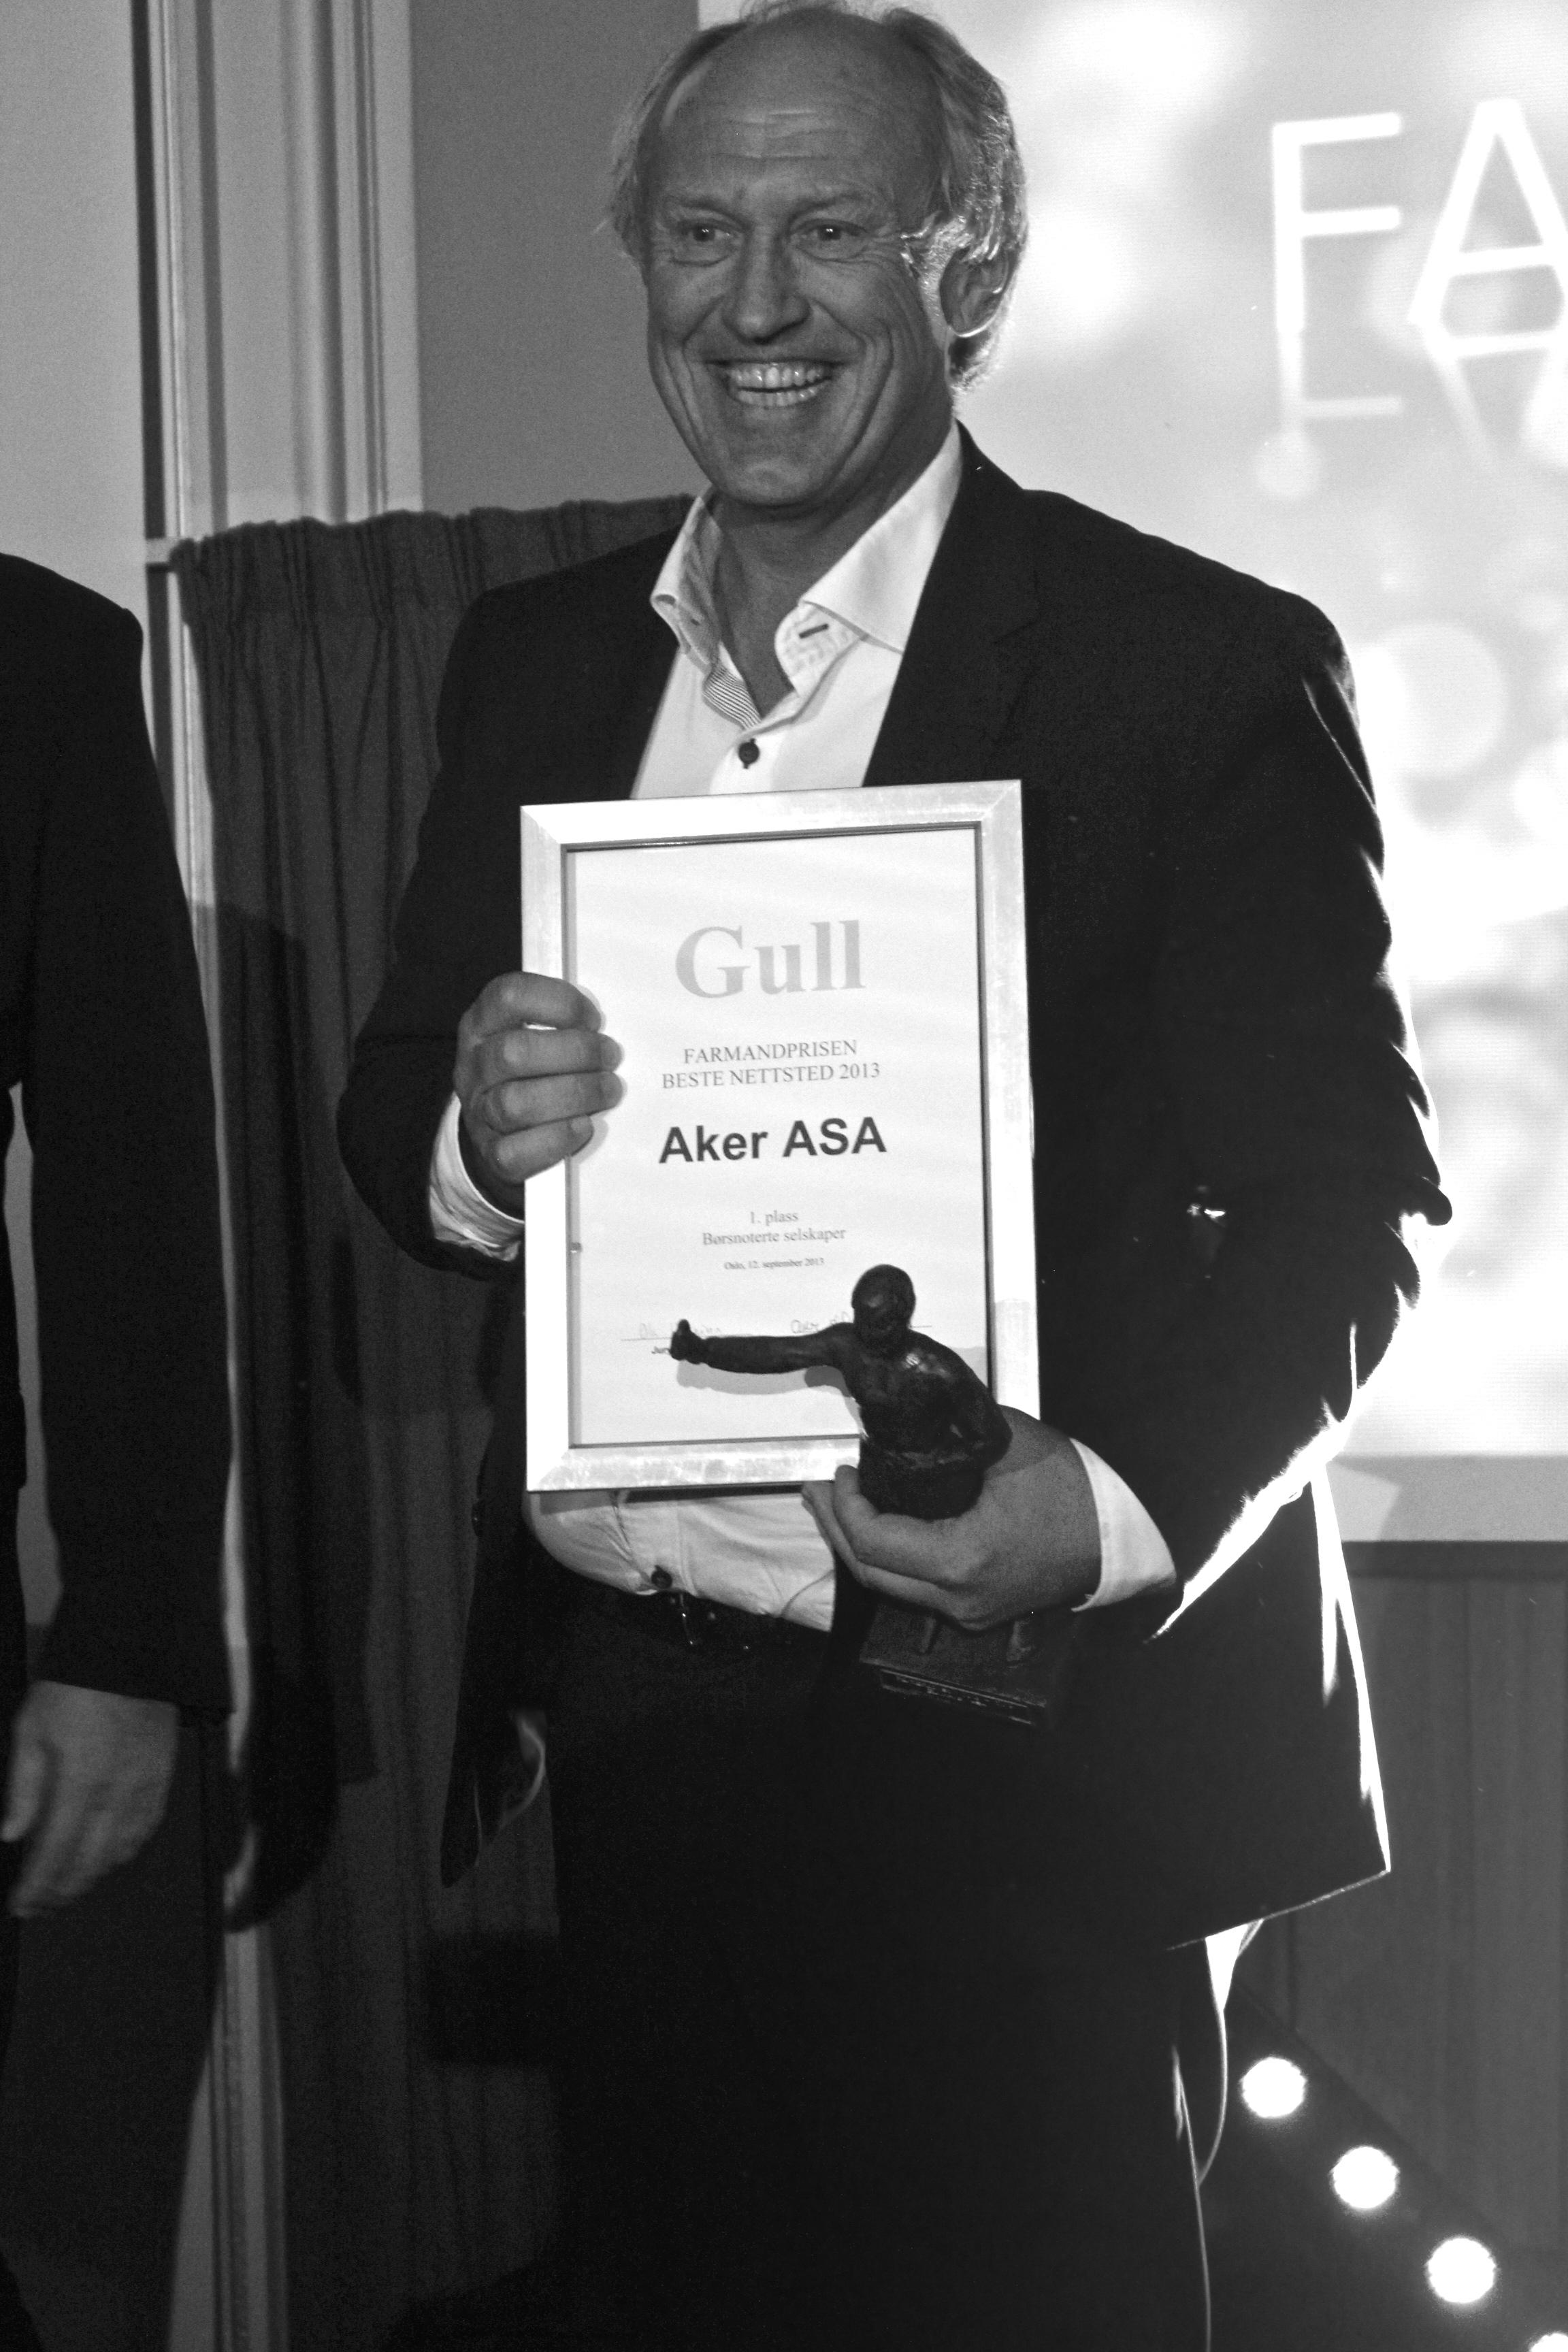 Farmandprisen Beste nettted 2013 - Børsnoterte selskaper nr 1: Aker ASA